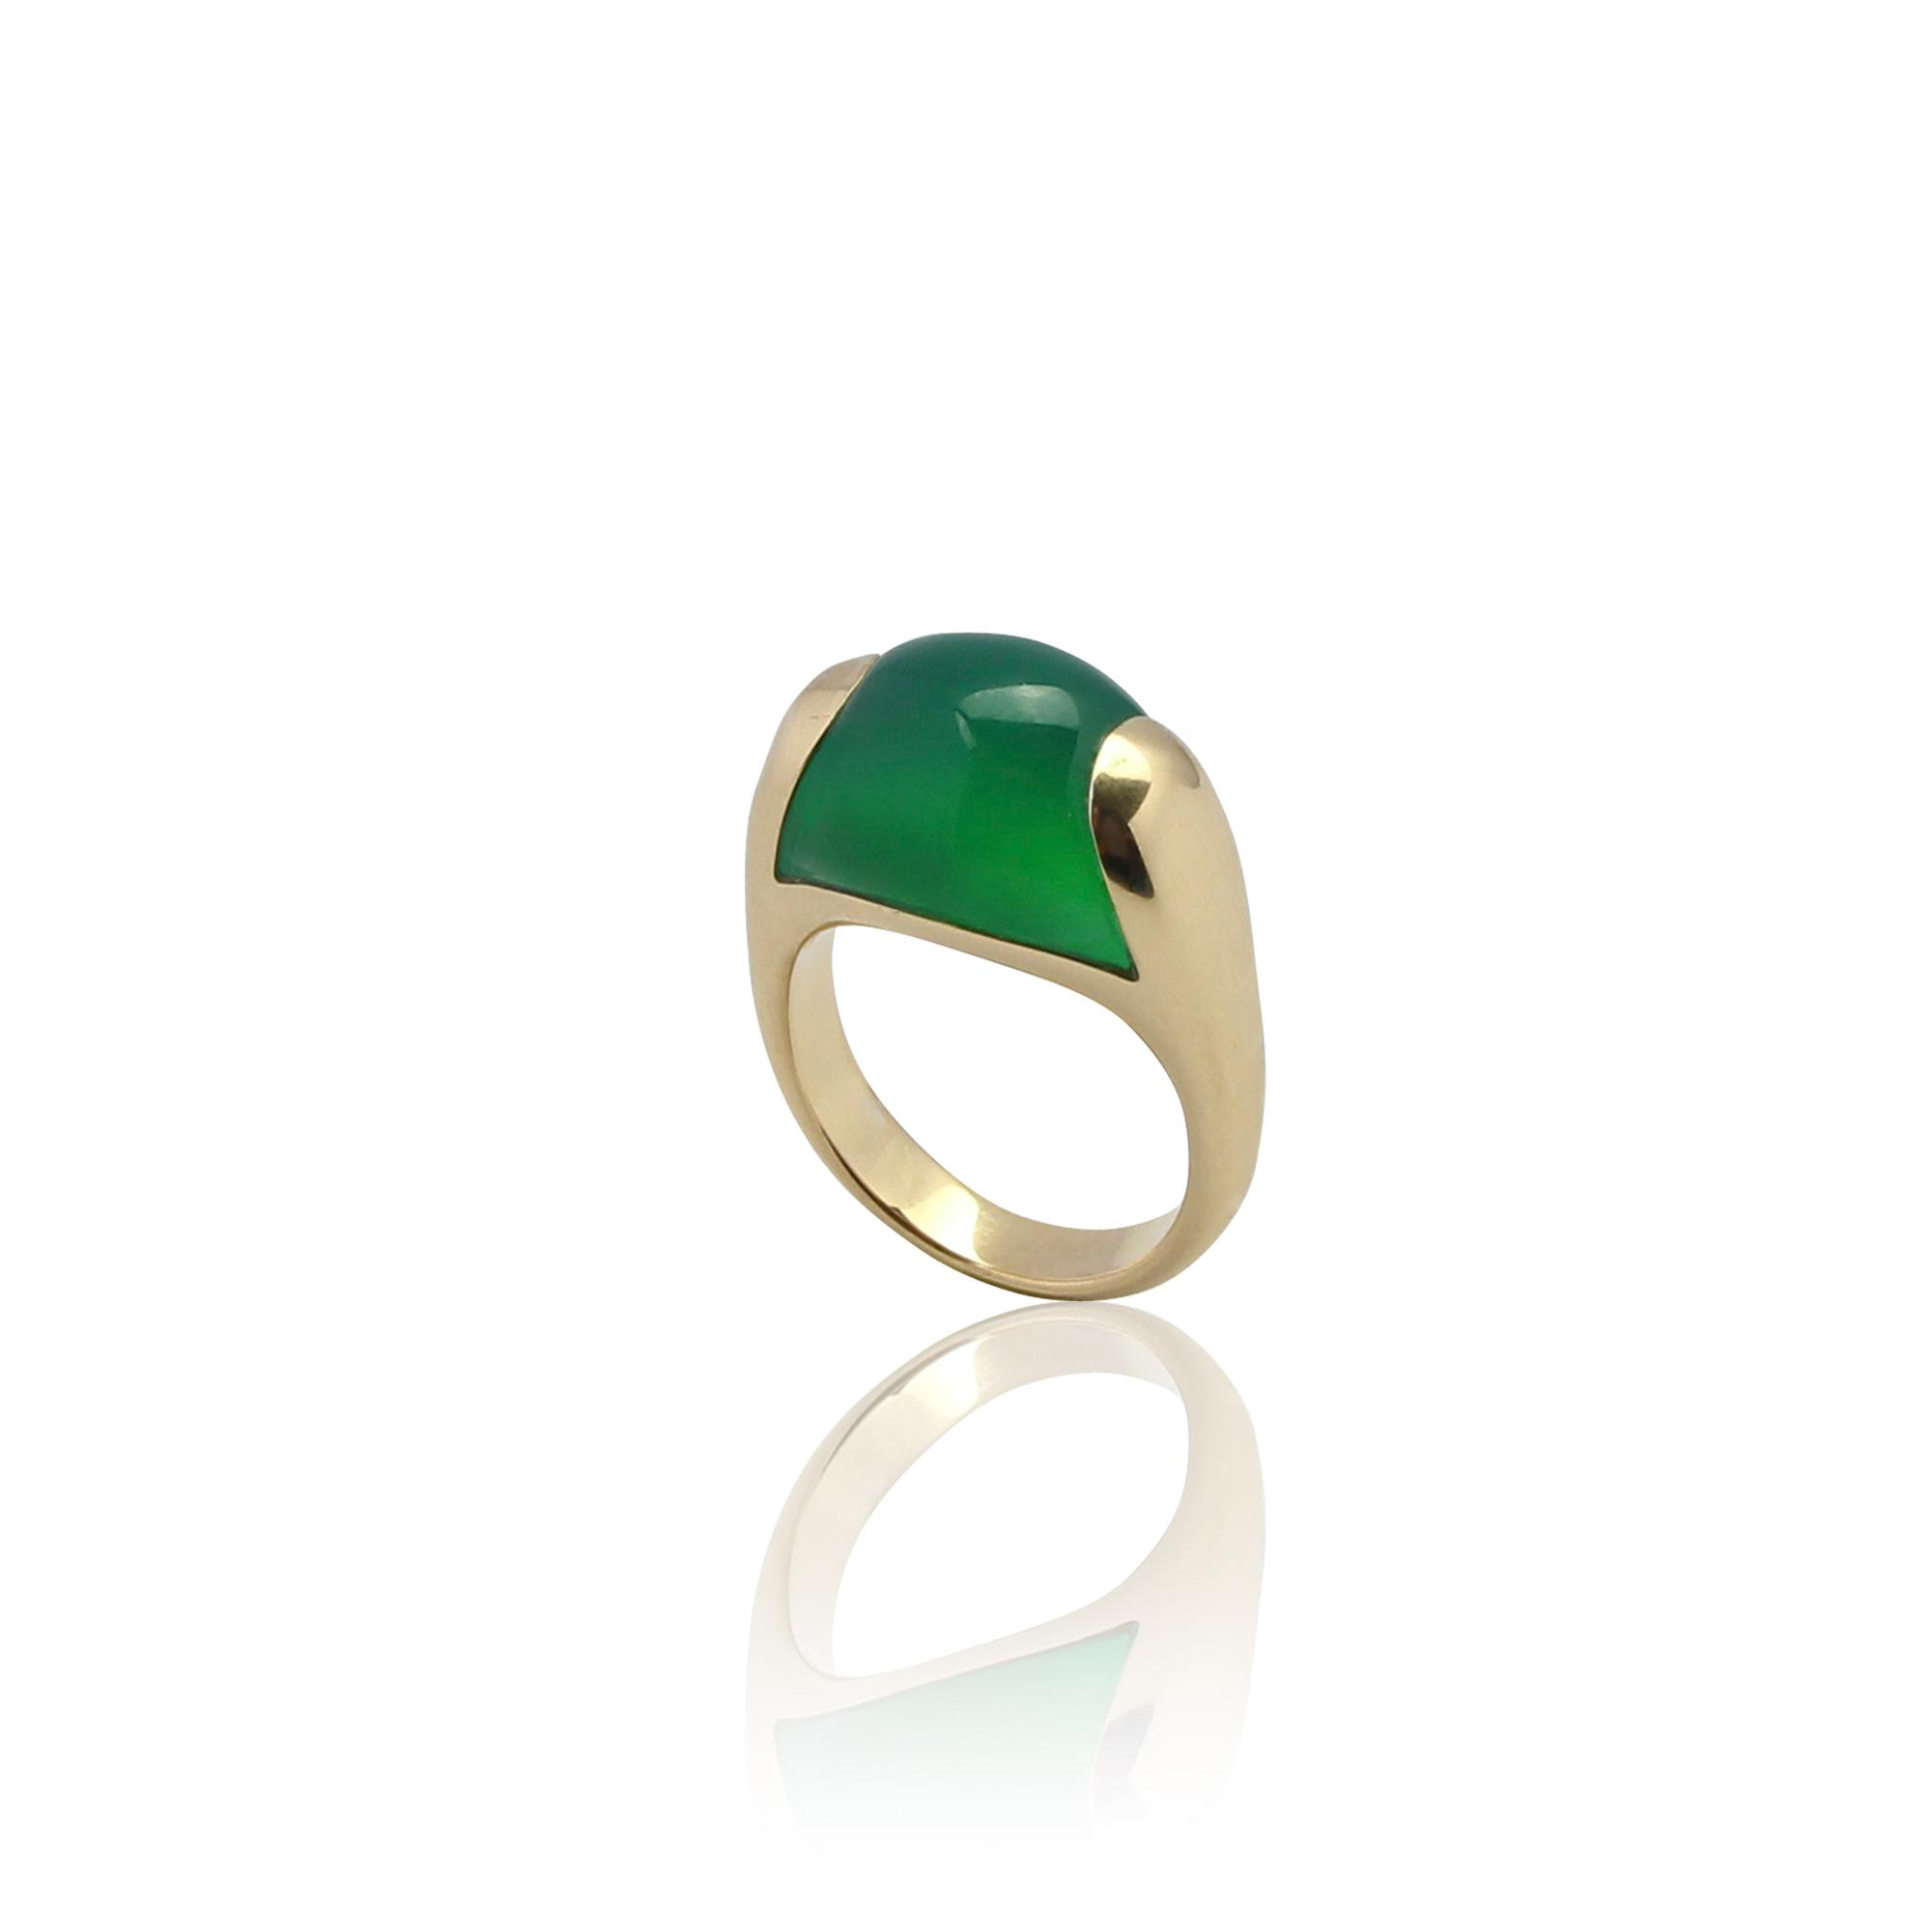 anello paradiso onyx verde 1207 in oro giallo 18 carati con onyce verde